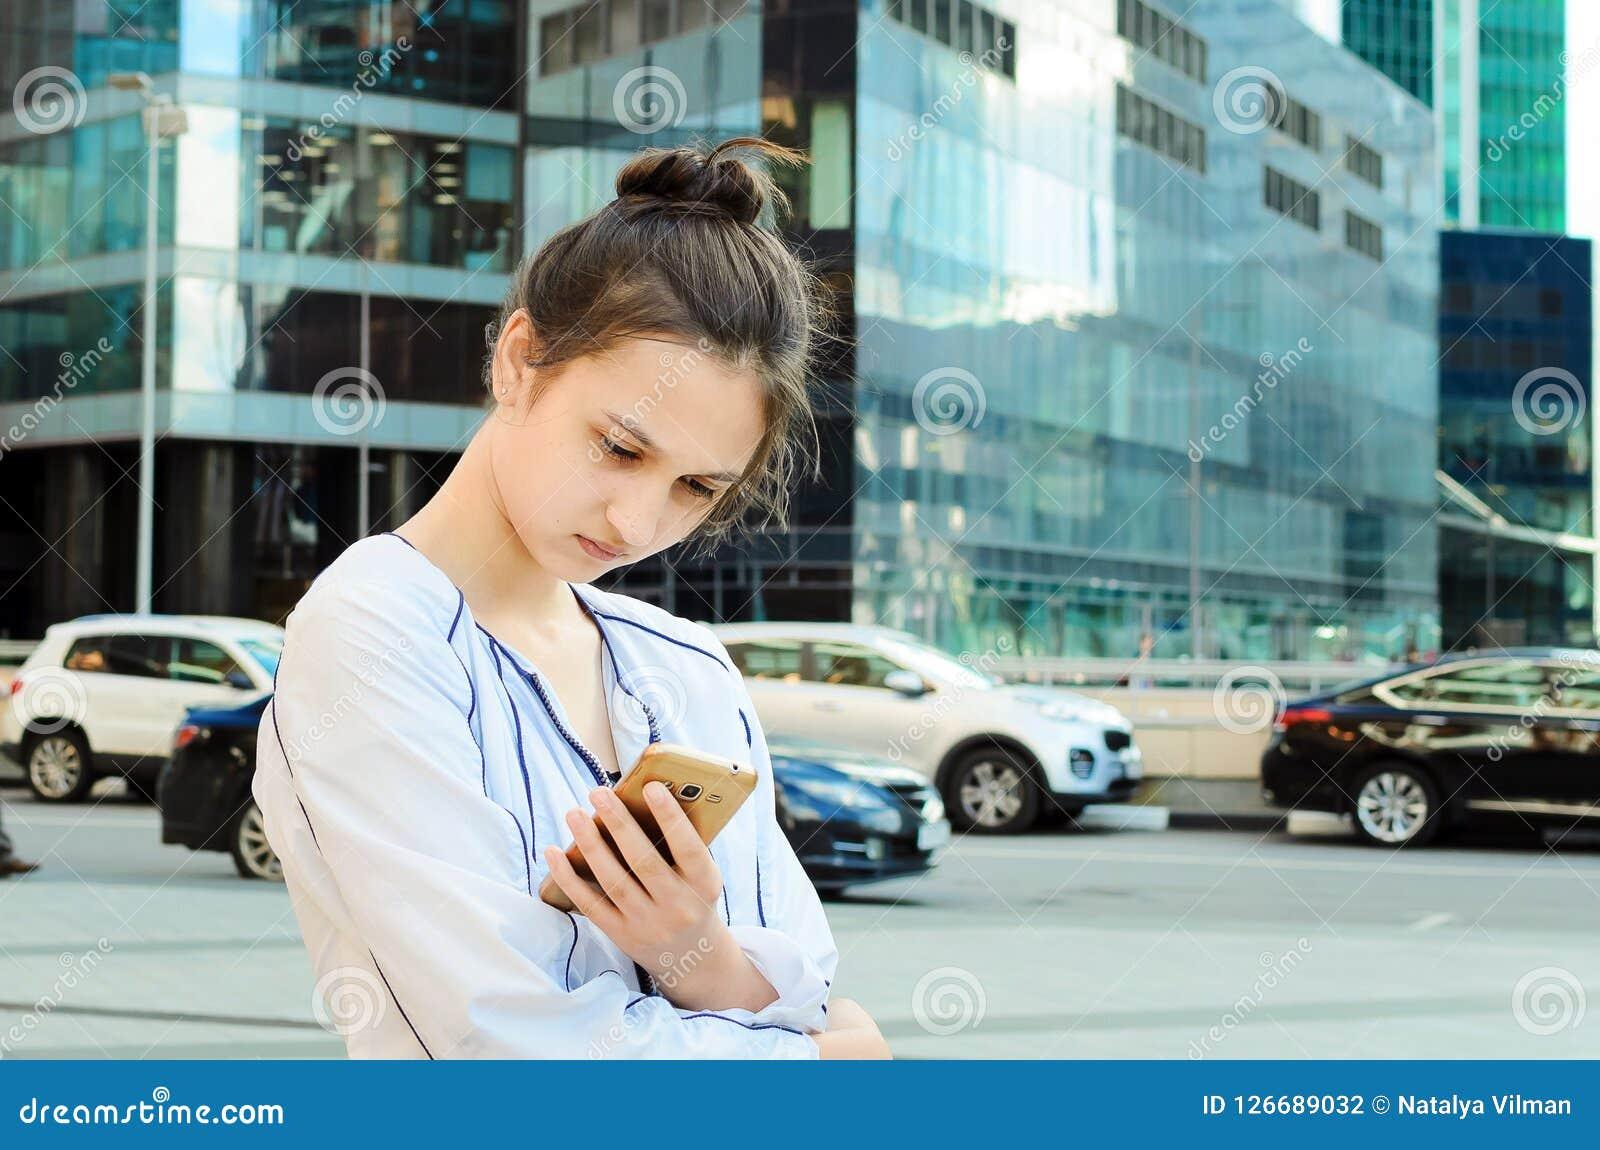 Retrato de una chica joven con un teléfono móvil